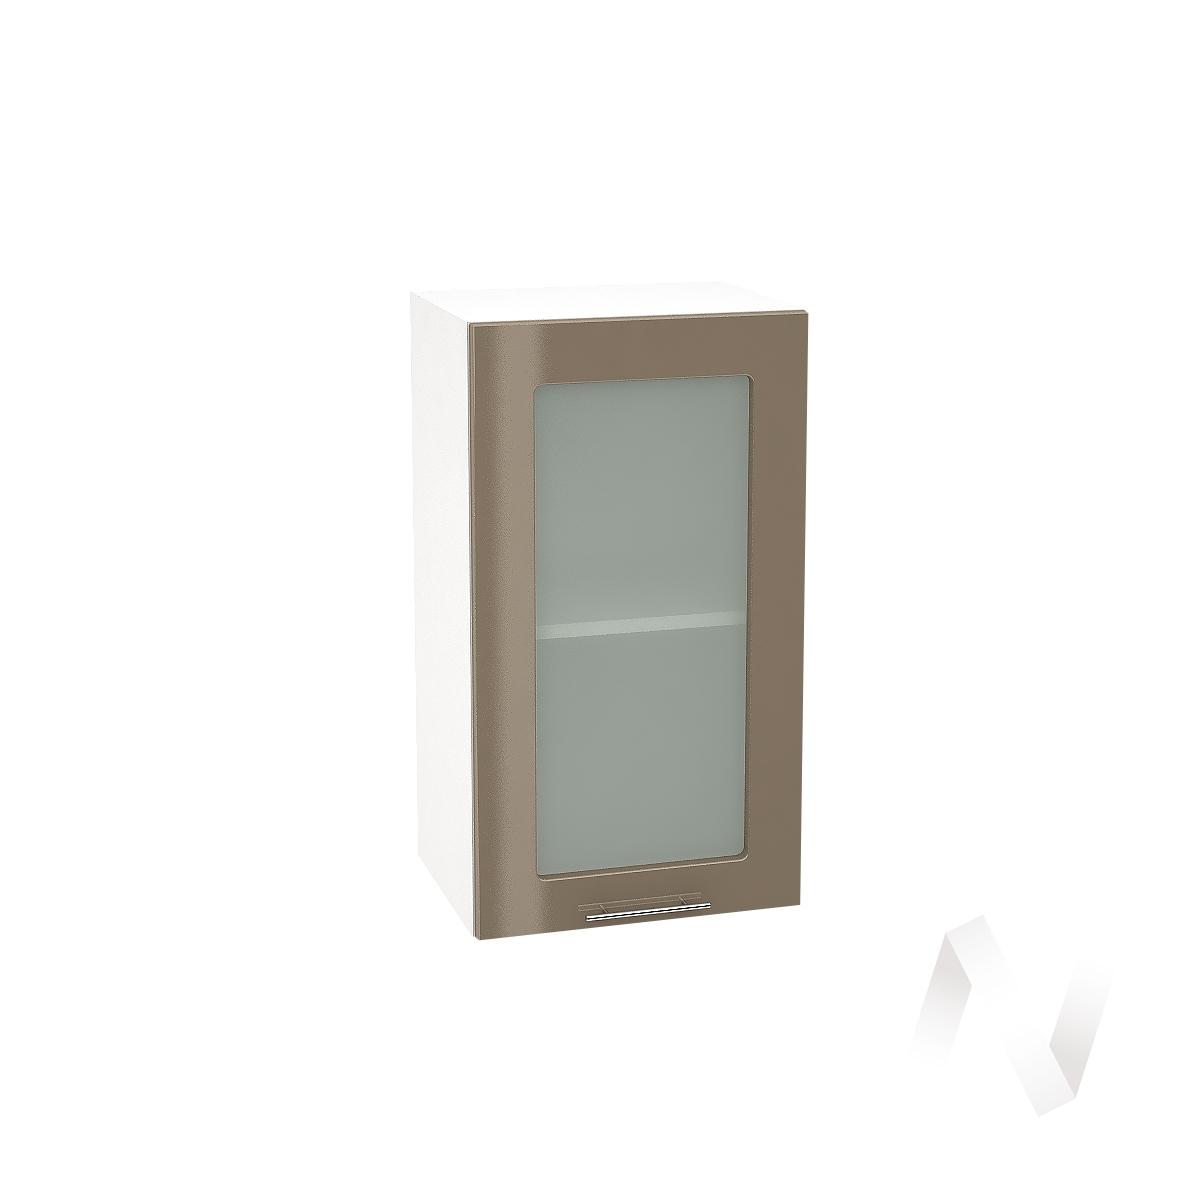 """Кухня """"Валерия-М"""":Шкаф верхний со стеклом 400,ШВС 400 (Капучино глянец/корпус белый)"""